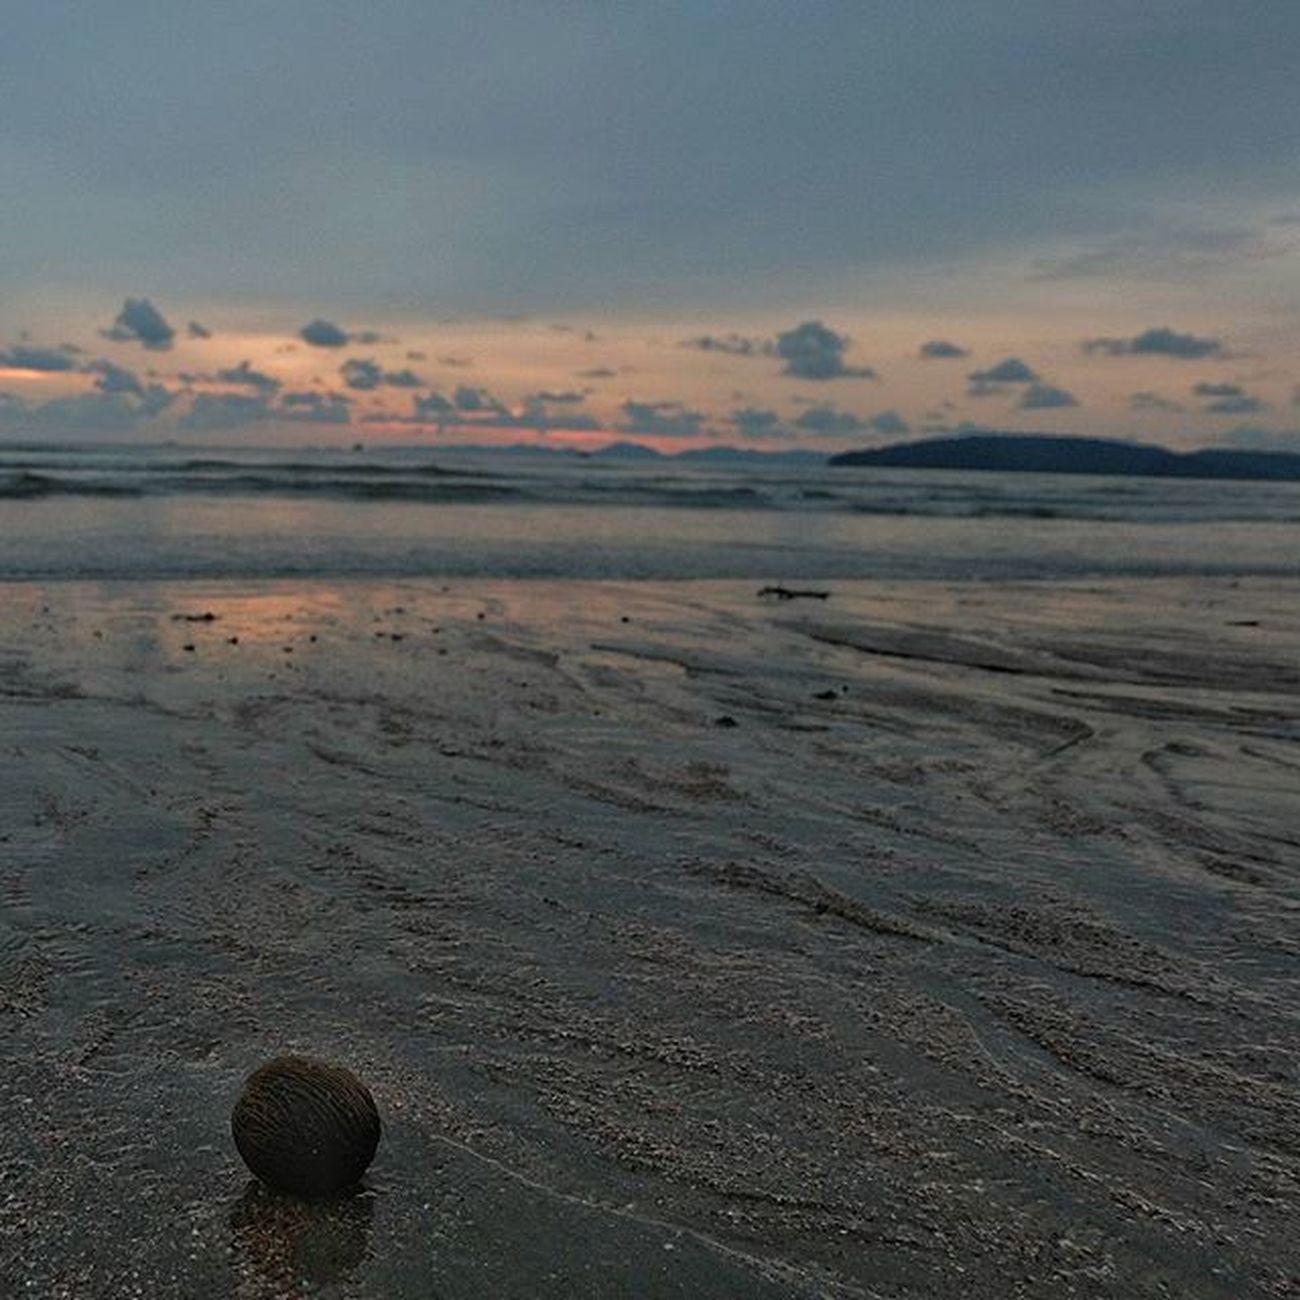 . . . . . Fujifilm Fujifeed Fujifilm_id Sunset_madness Sunrise_sunsets_aroundworld Sunrise_and_sunsets Icu_sunset Loves_sunset Siamthai_ig Ig_phuket Ig_thailandia Clubepixel Ig_sunsetshots Instasunsets Dusk Twilight Seascapes Beachlife Evening Insta_thailand Thailand_allshots Sunsetlovers Capture_today Adayinthailand ADayToRemember walkwaywhy shotoftheday picoftheday igoftheday instaoftheday